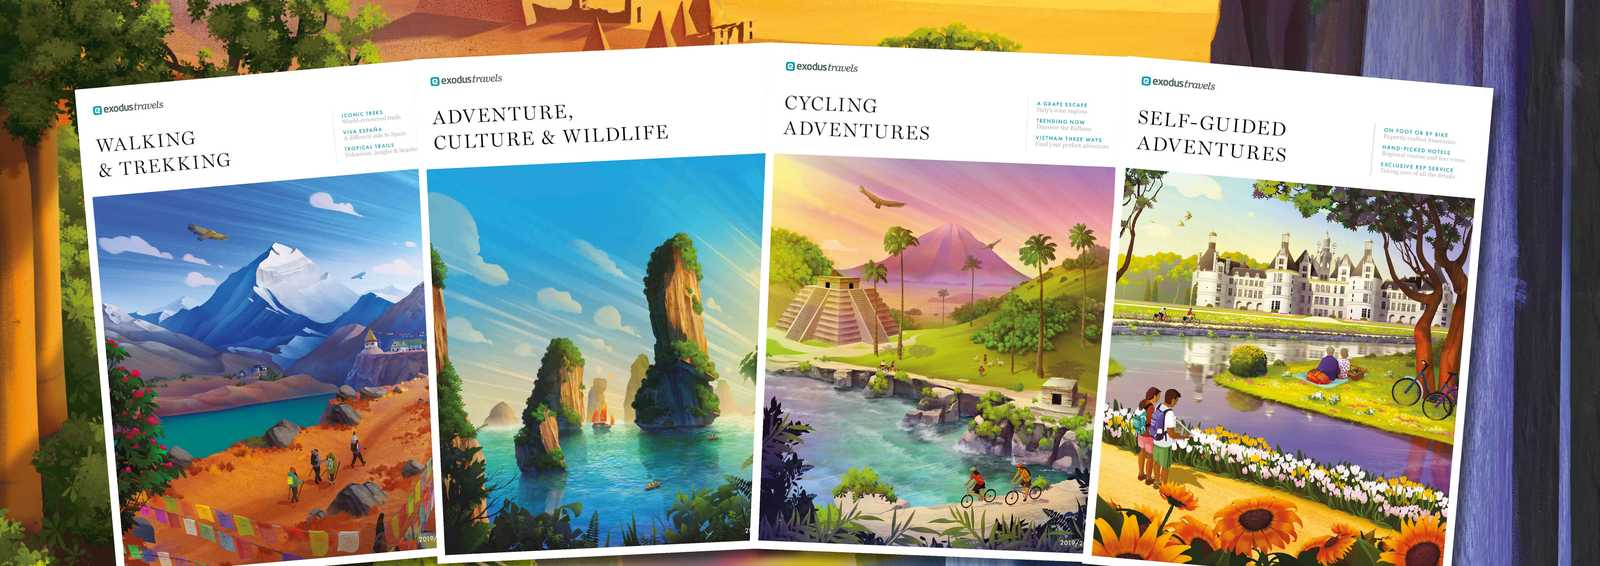 Exodus Brochures 2019